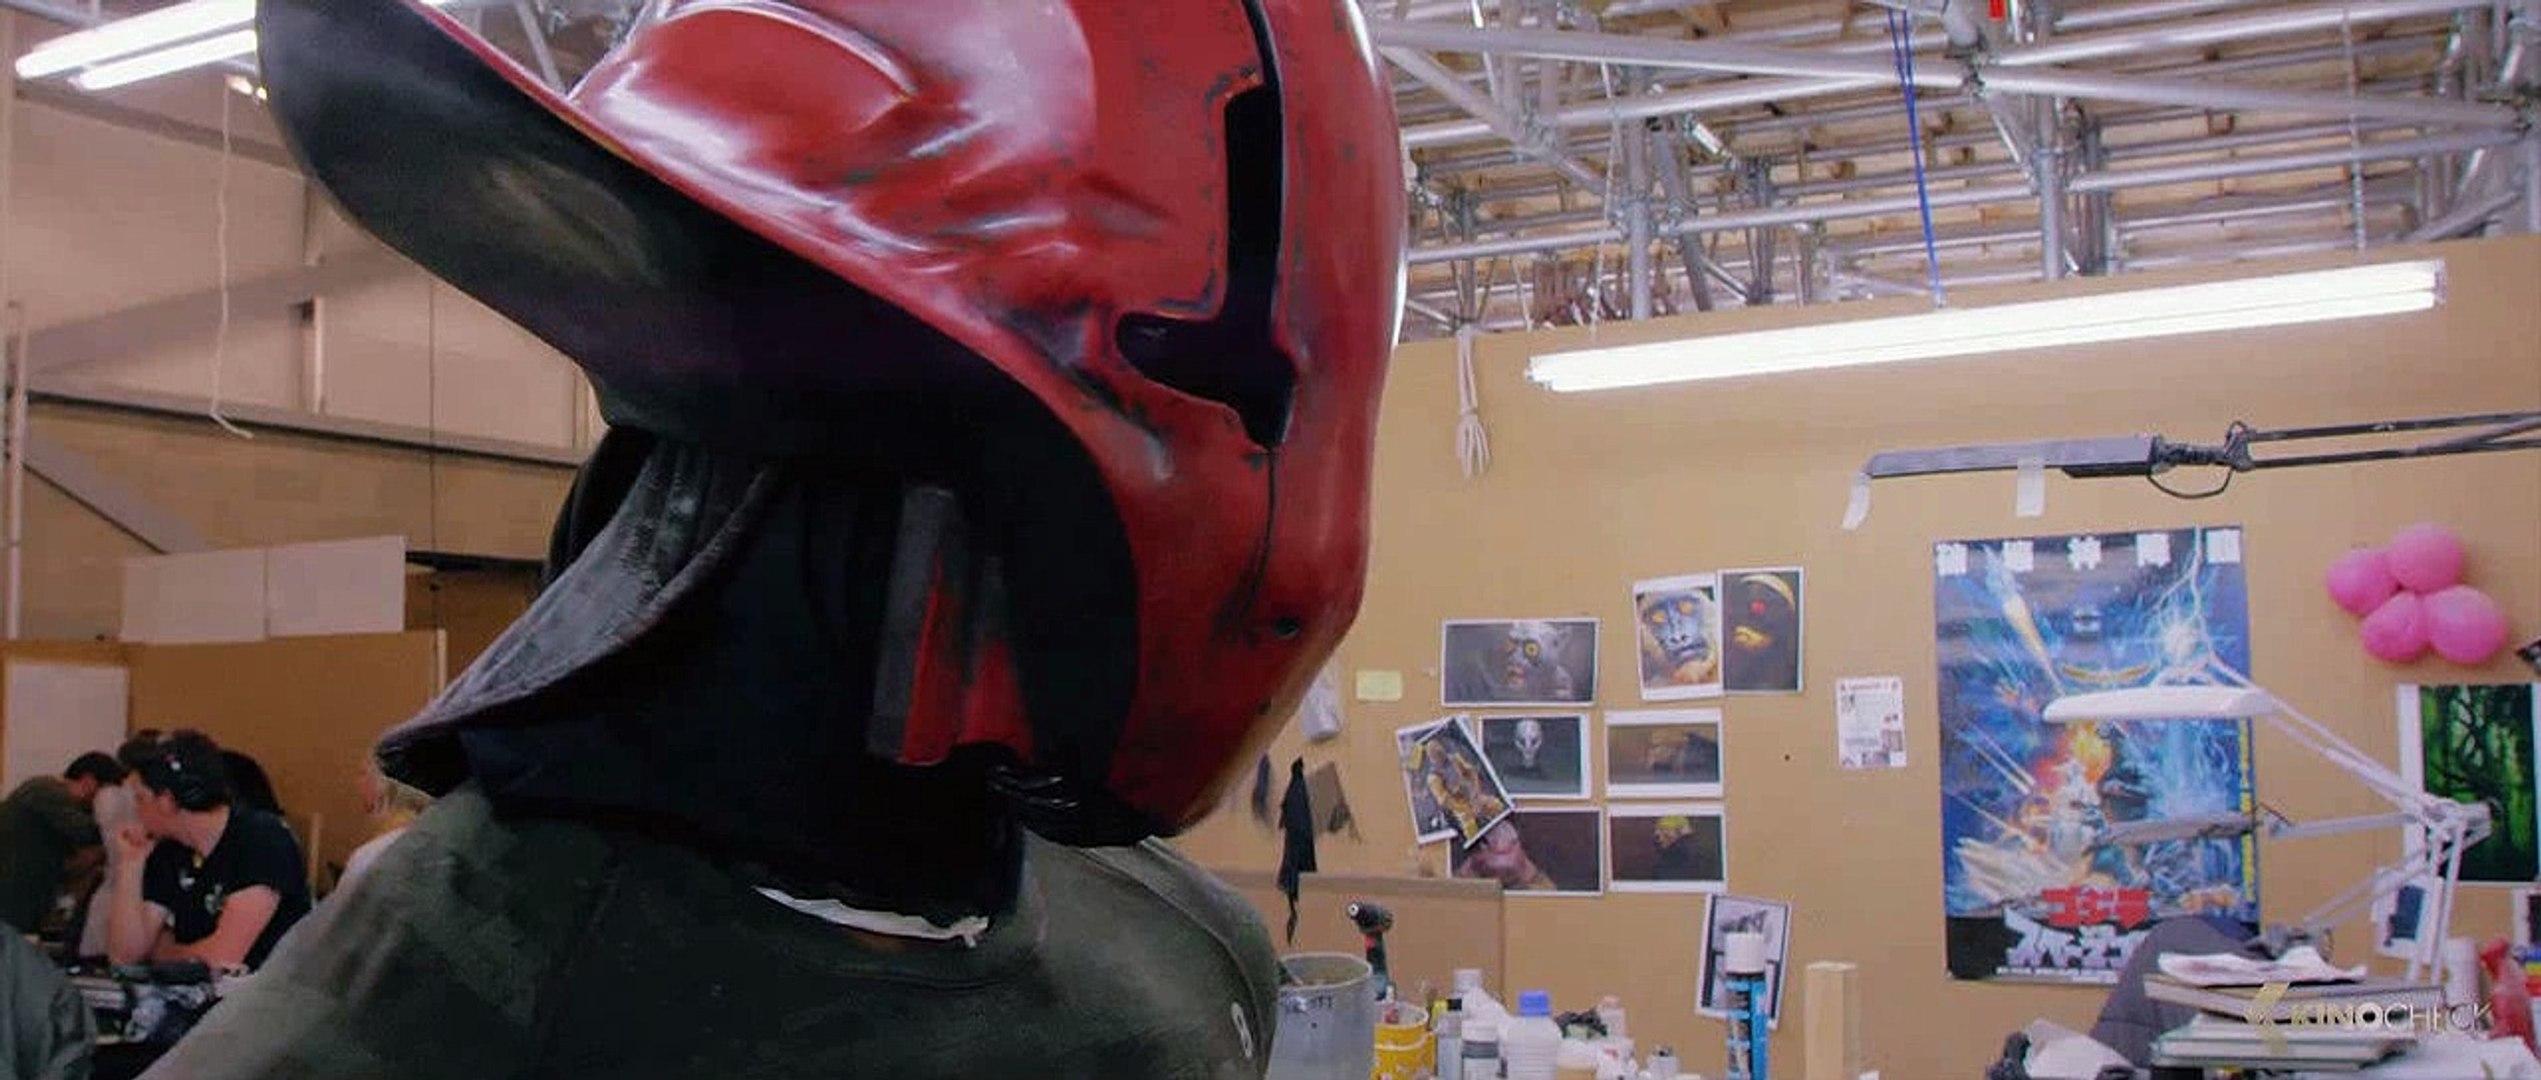 Звездные войны: Эпизод 7 - Пробуждение силы 2015 смотреть онлайн полный фильм в hd качестве